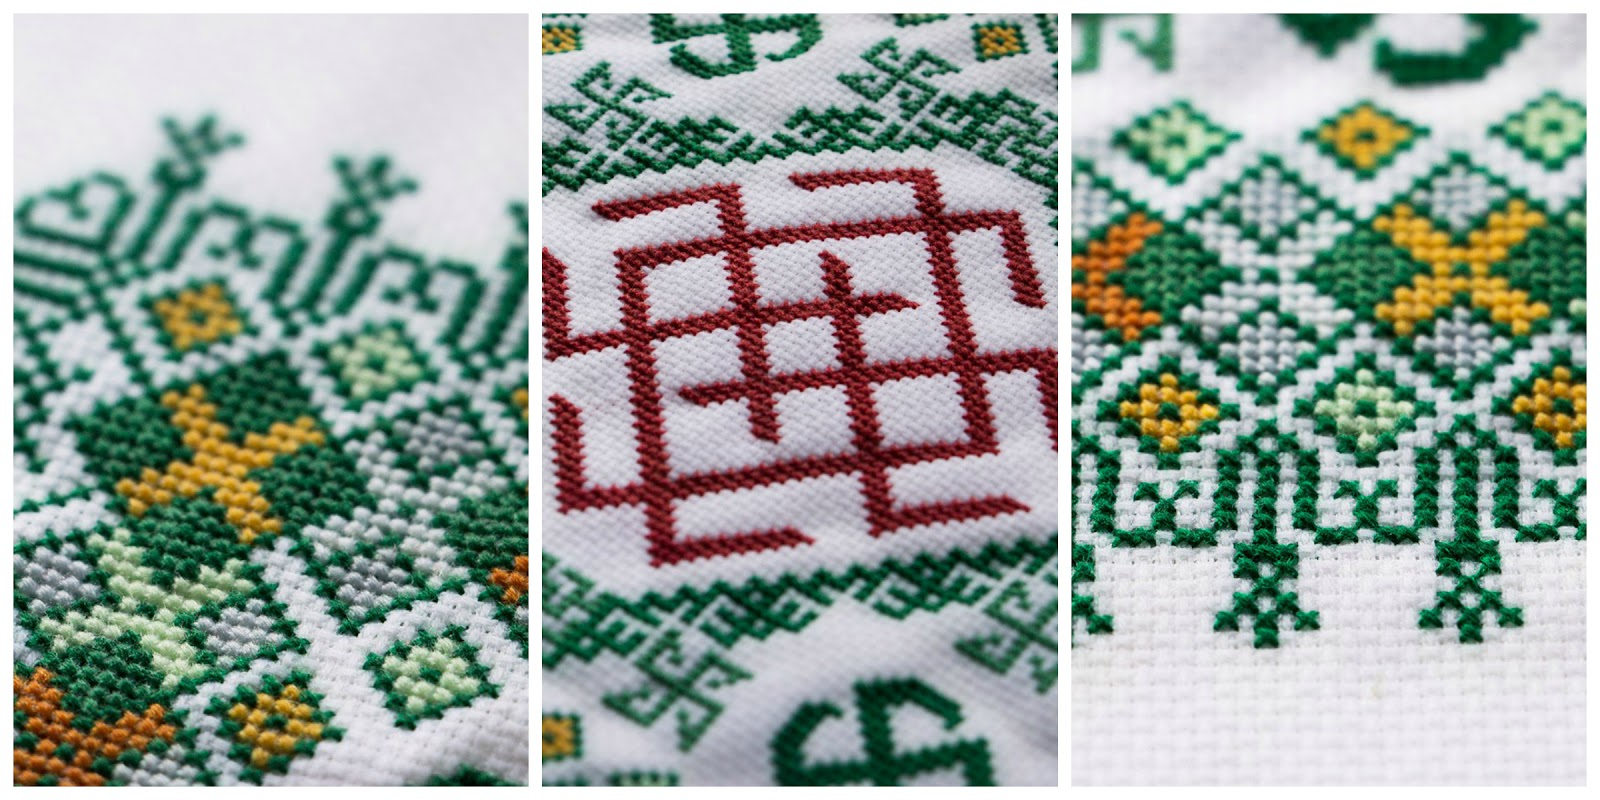 любопытный сосед схема вышивки крестом